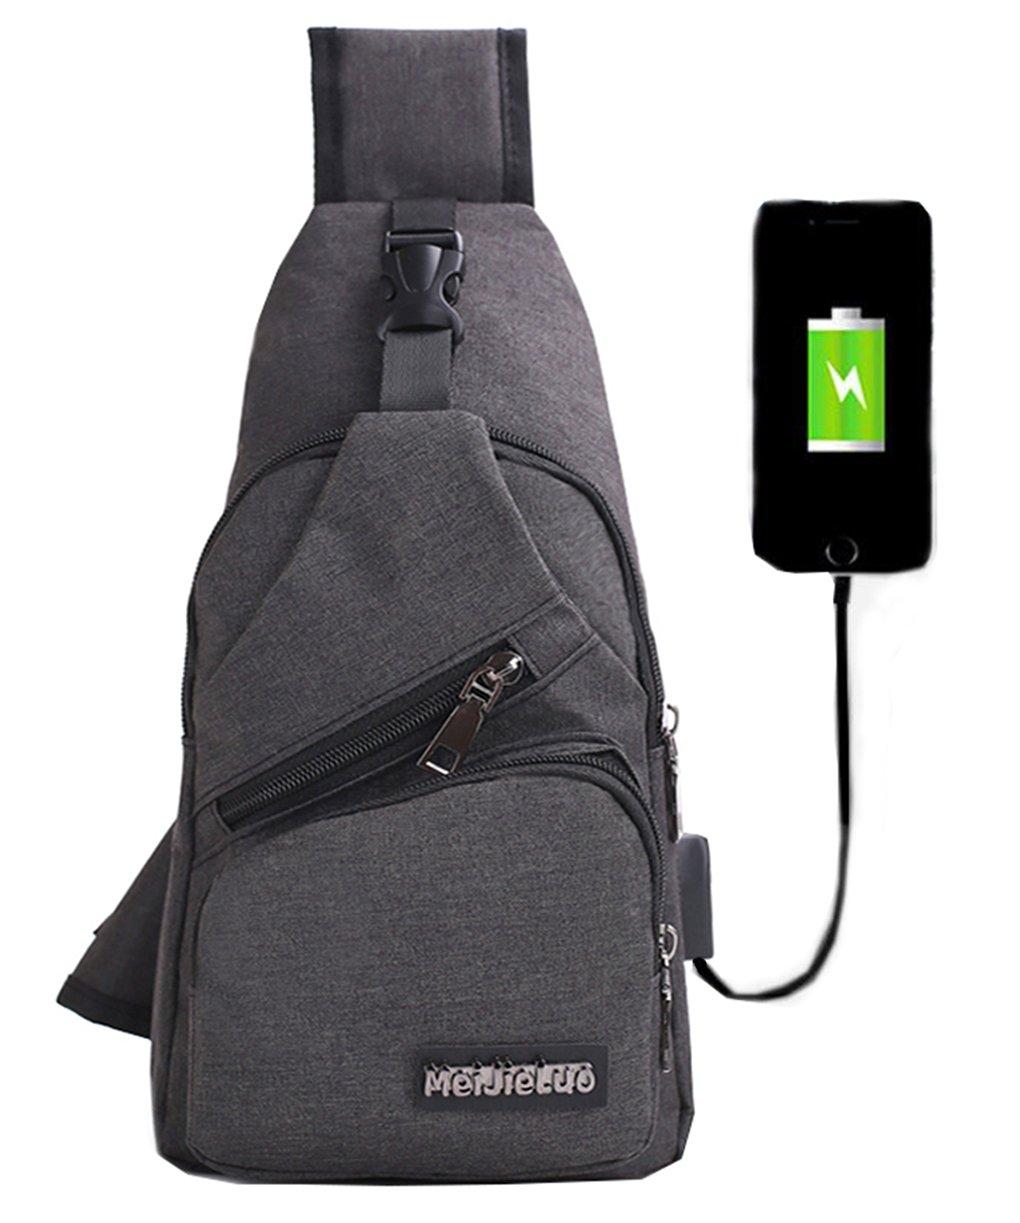 Mochila bandolera de pecho LemonGirl con cargador USB para hombres y mujeres, para senderismo, acampadas, ciclismo, hombre, XW210-Black, negro, talla única